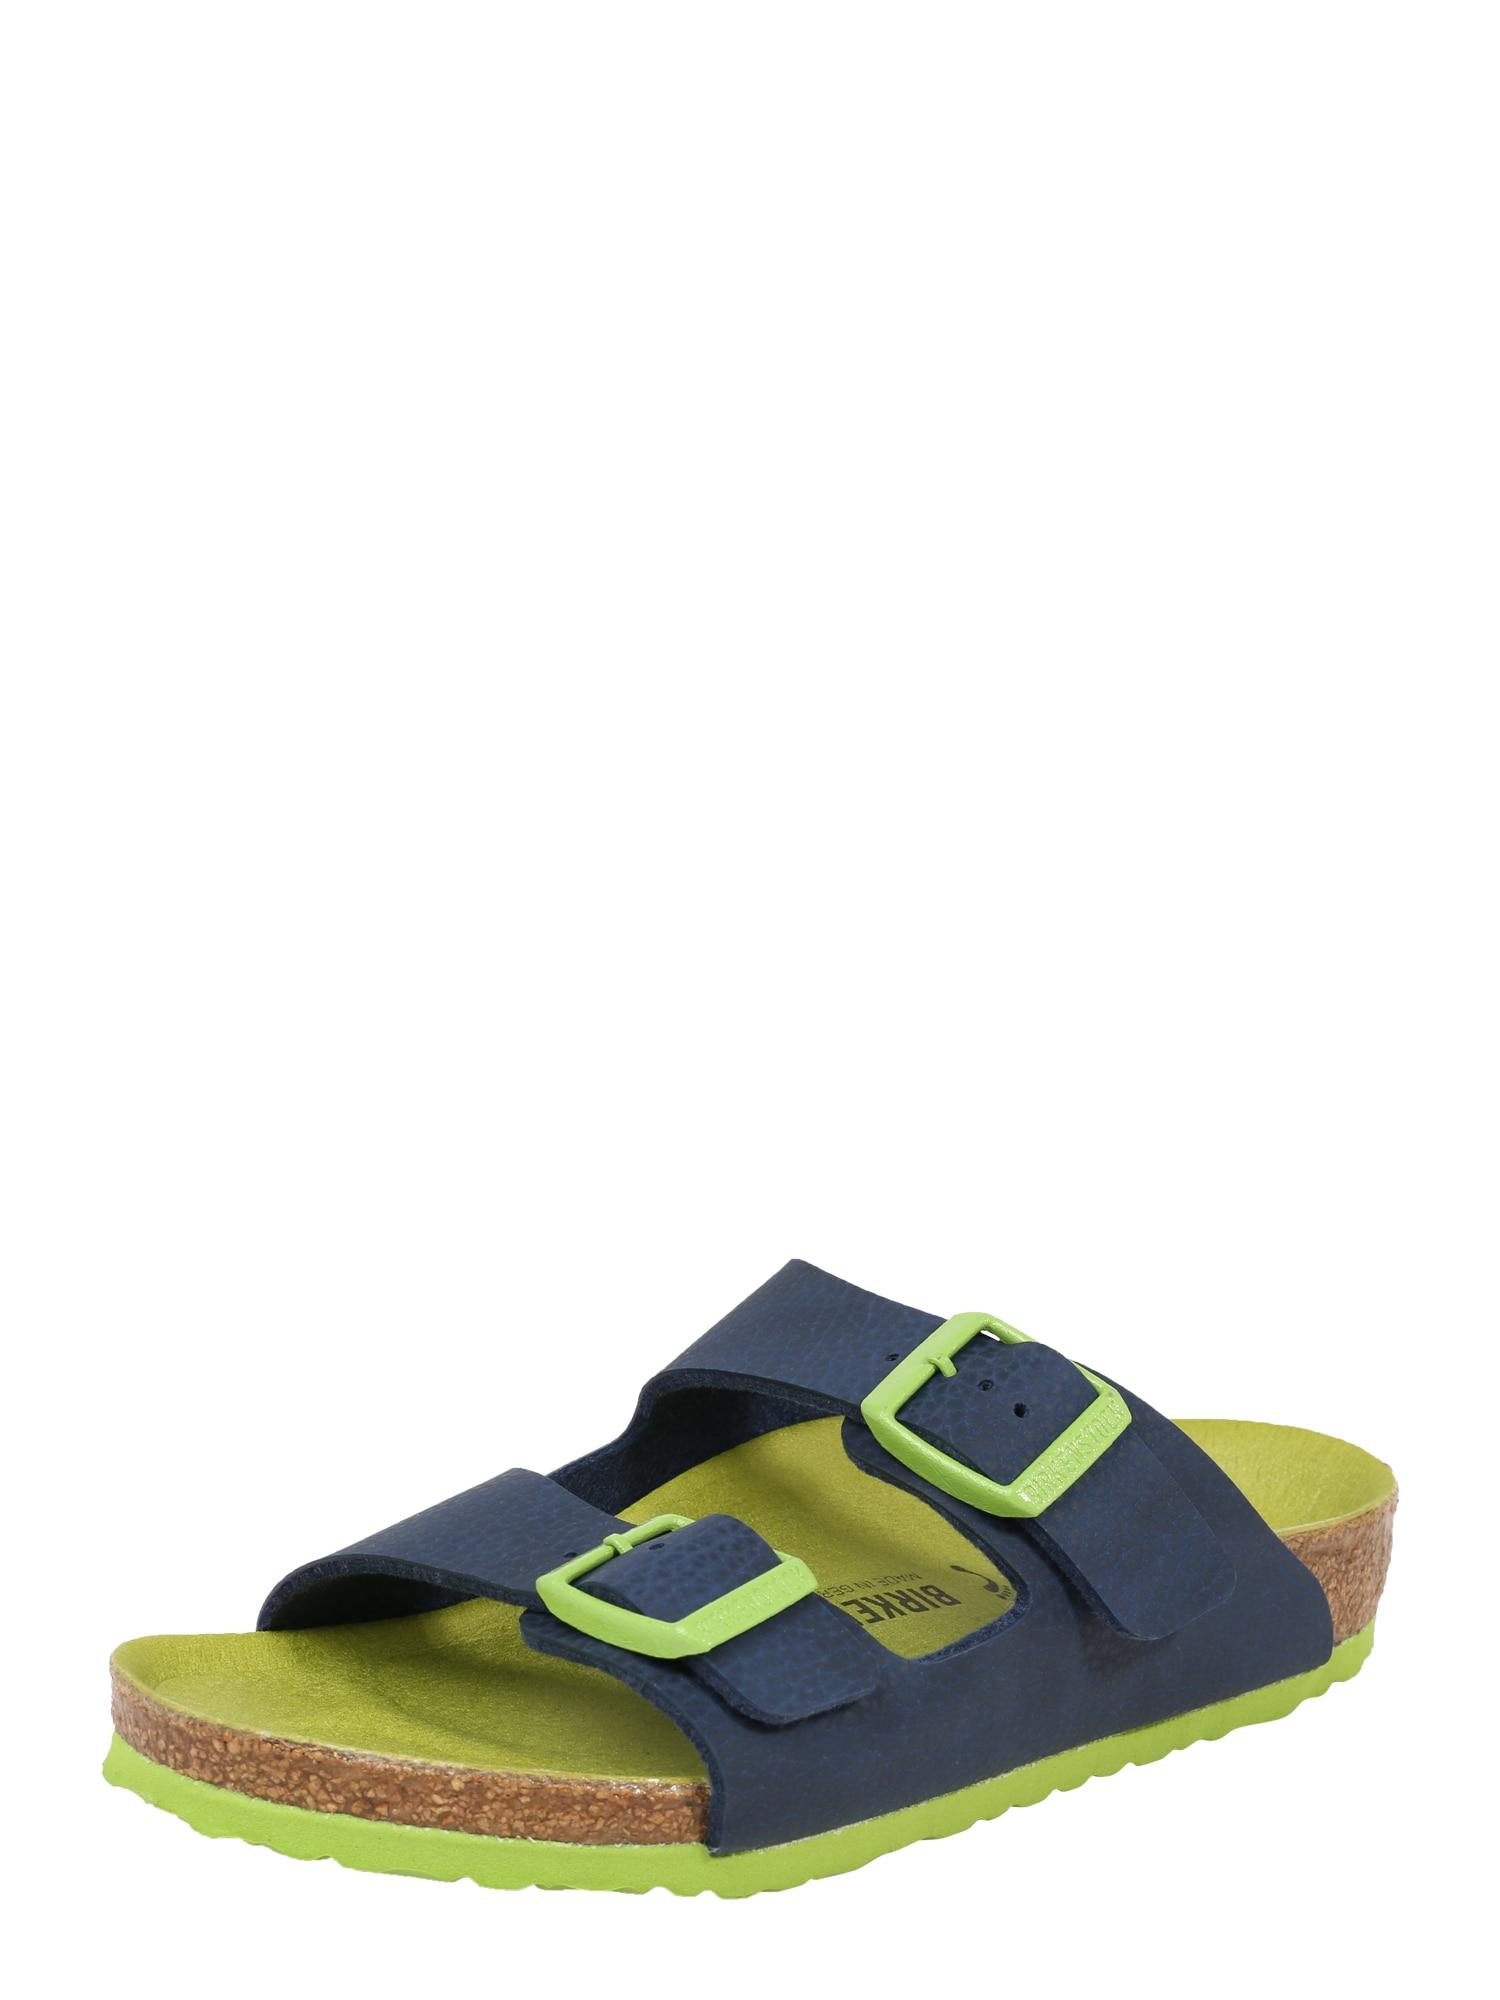 Otevřená obuv Arizona BF modrá svítivě zelená BIRKENSTOCK